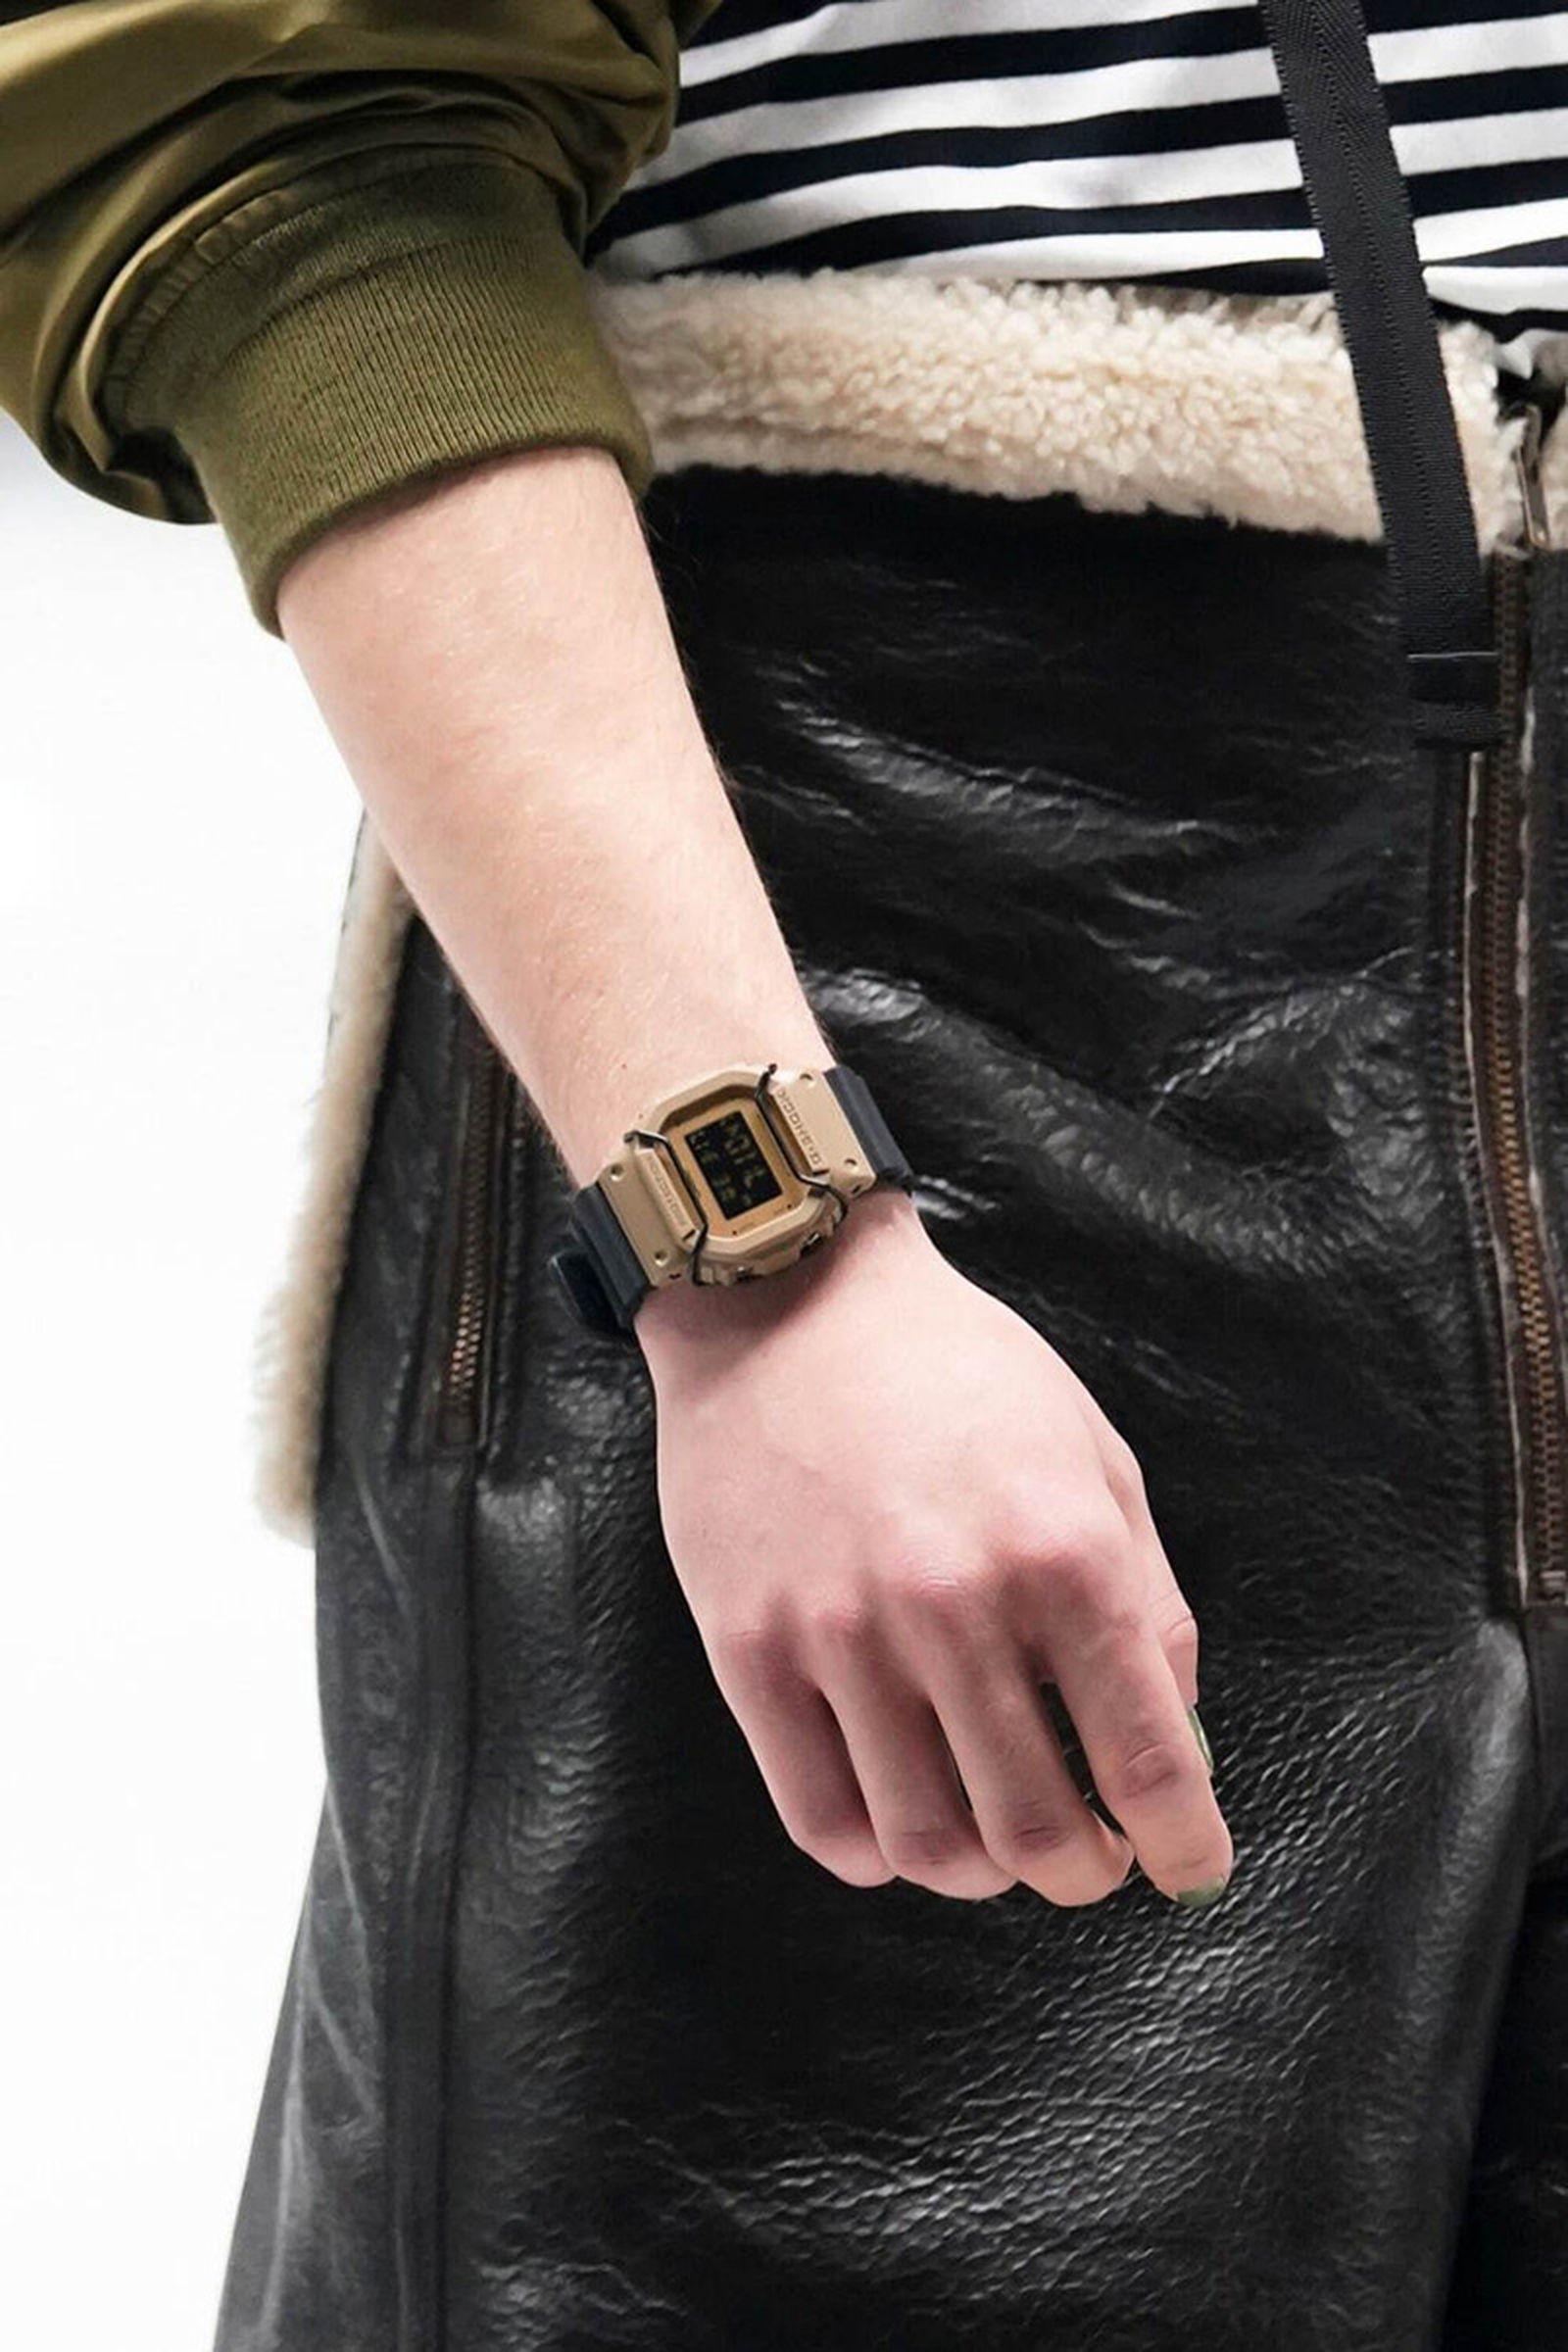 mistergentleman-g-shock-dw-5600e-watch-collaboration (2)